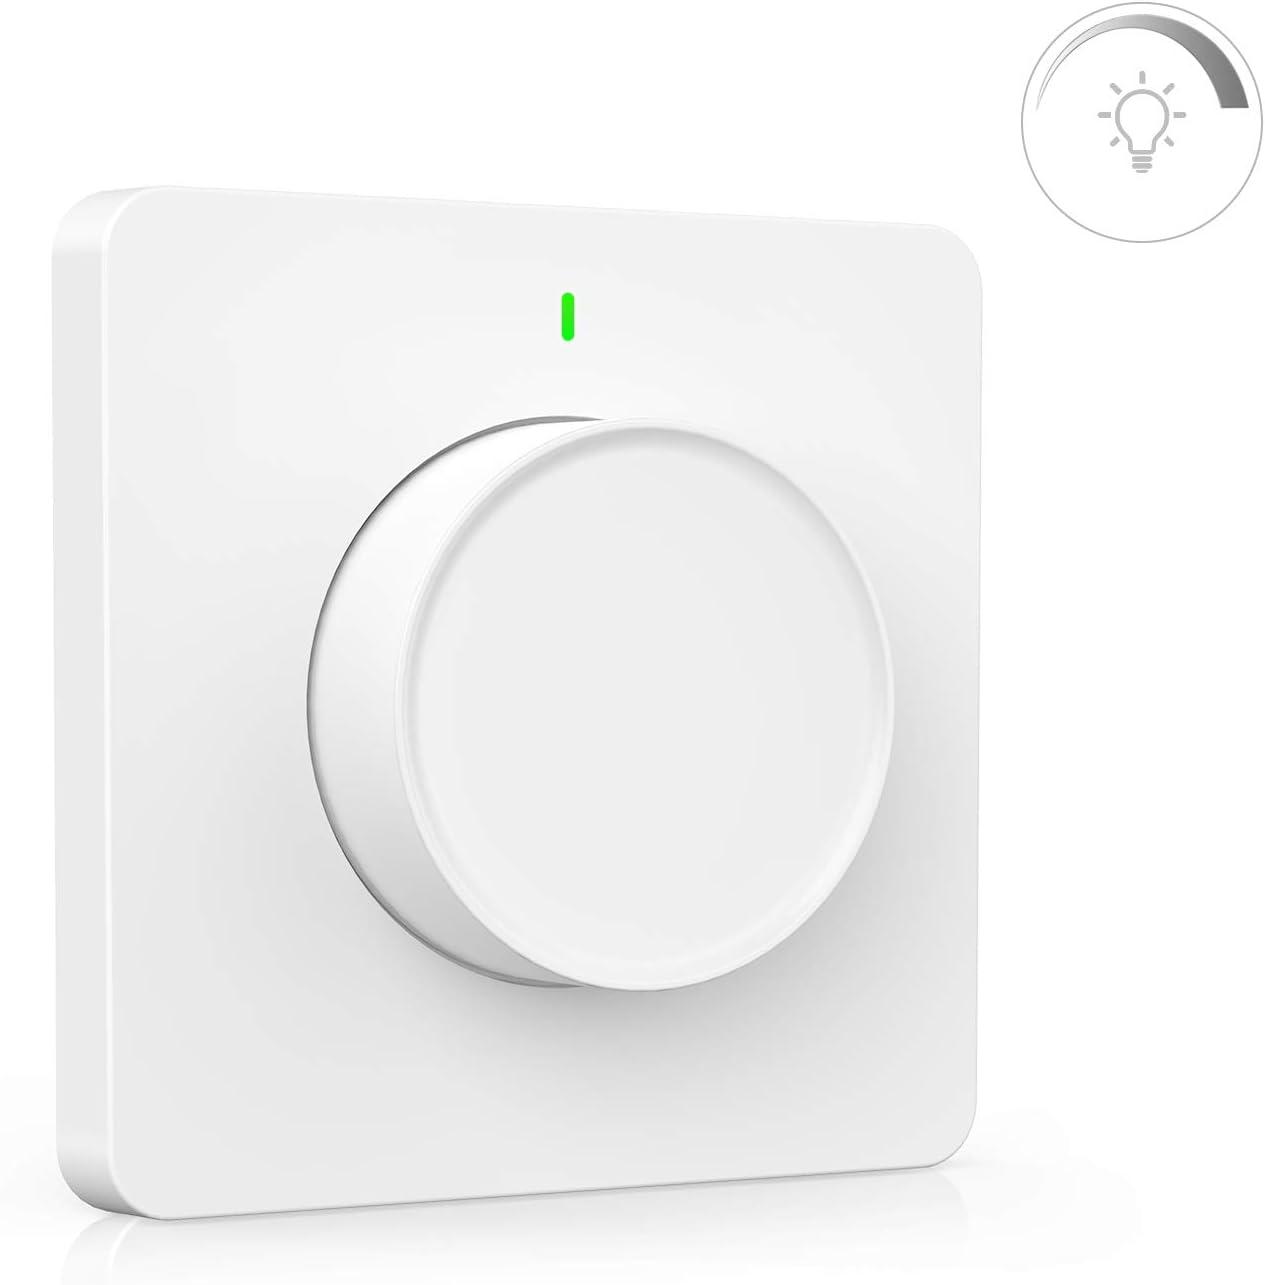 Alexa Dimmer WiFi, Maxcio Interruptor de regulador de luz controlado por App y Voz, Compatible con Alexa(Echo/Dot/Tap) y Google Home, Atenuador de luz con Temporizador, Brillo Ajustable